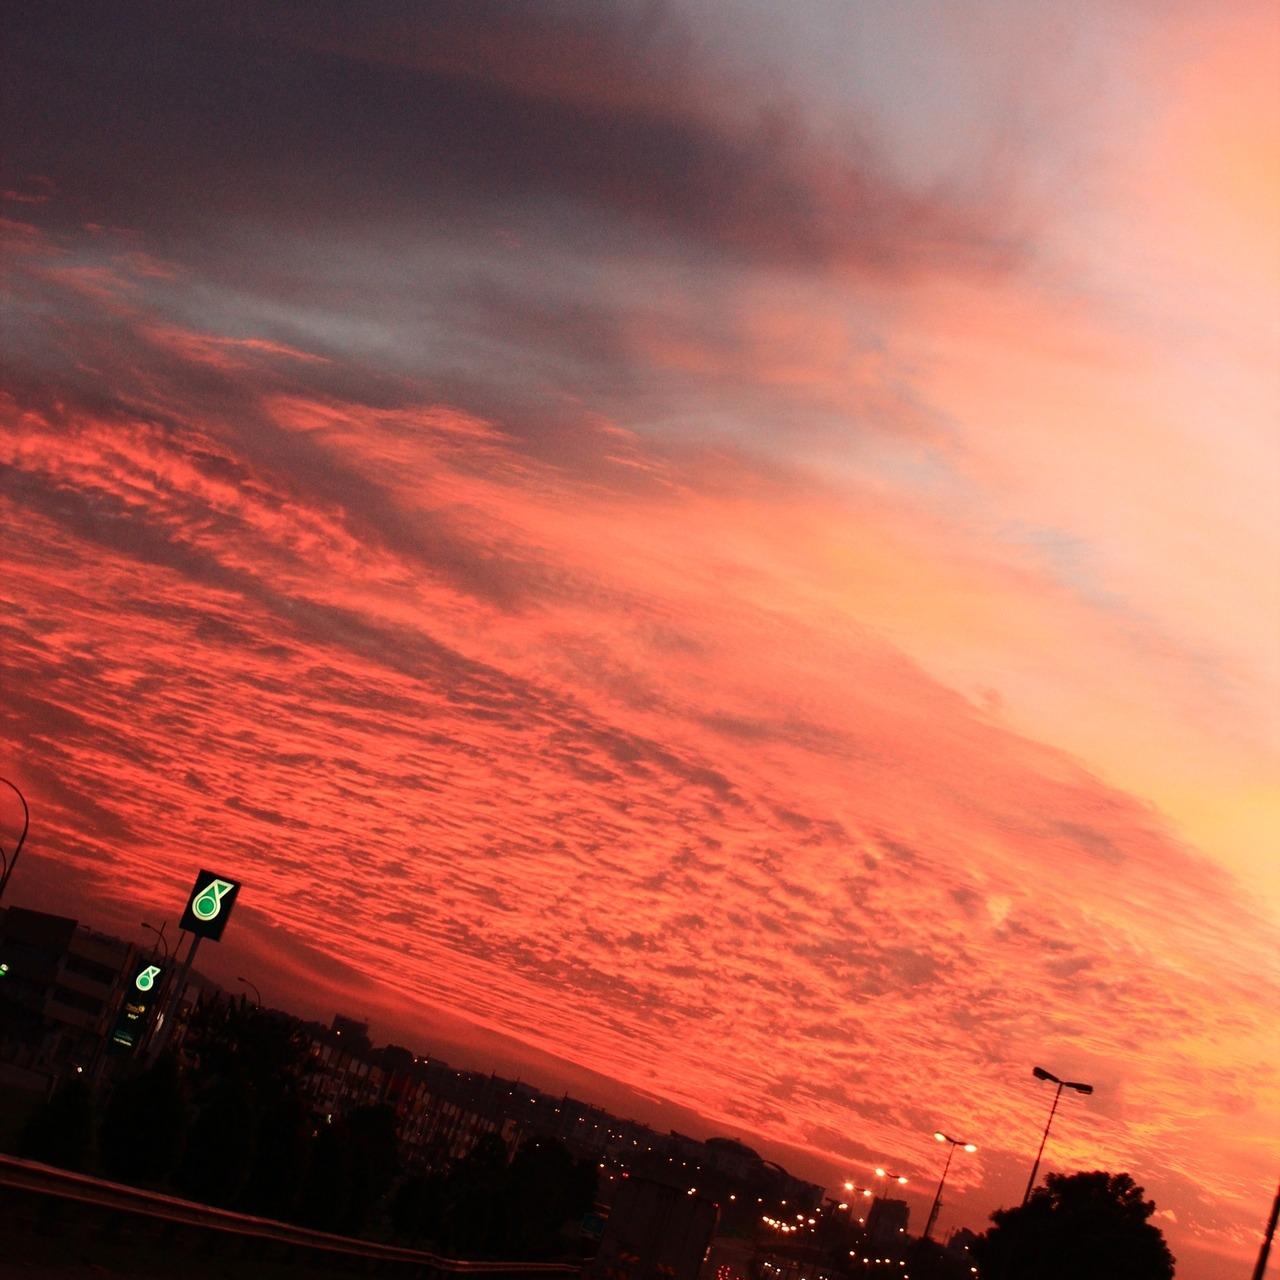 红红的云层。像滚滚的火焰。从远处燃烧着天空。吞没着大地。 世界末日来临时。天空也会像这样的燃烧吗?